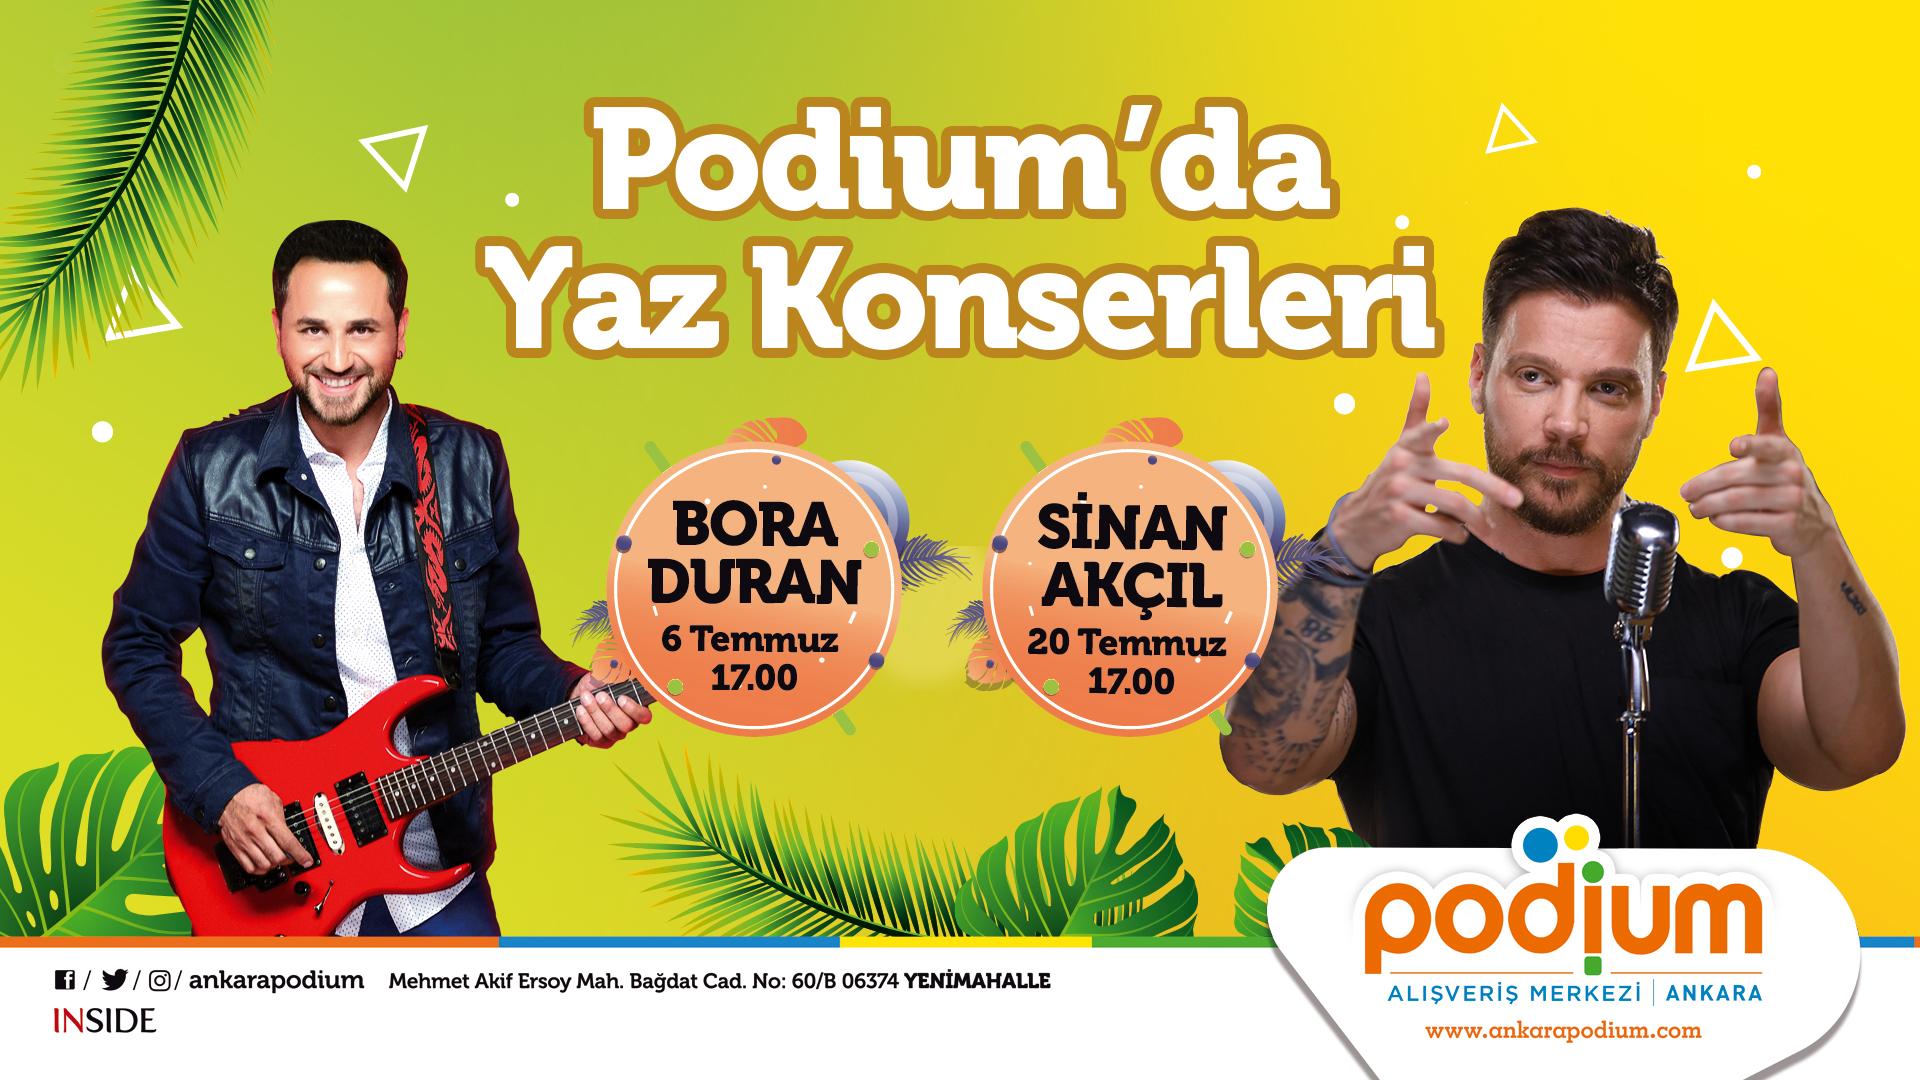 Bora Duran Podium'da sevenleriyle bir araya gelecek